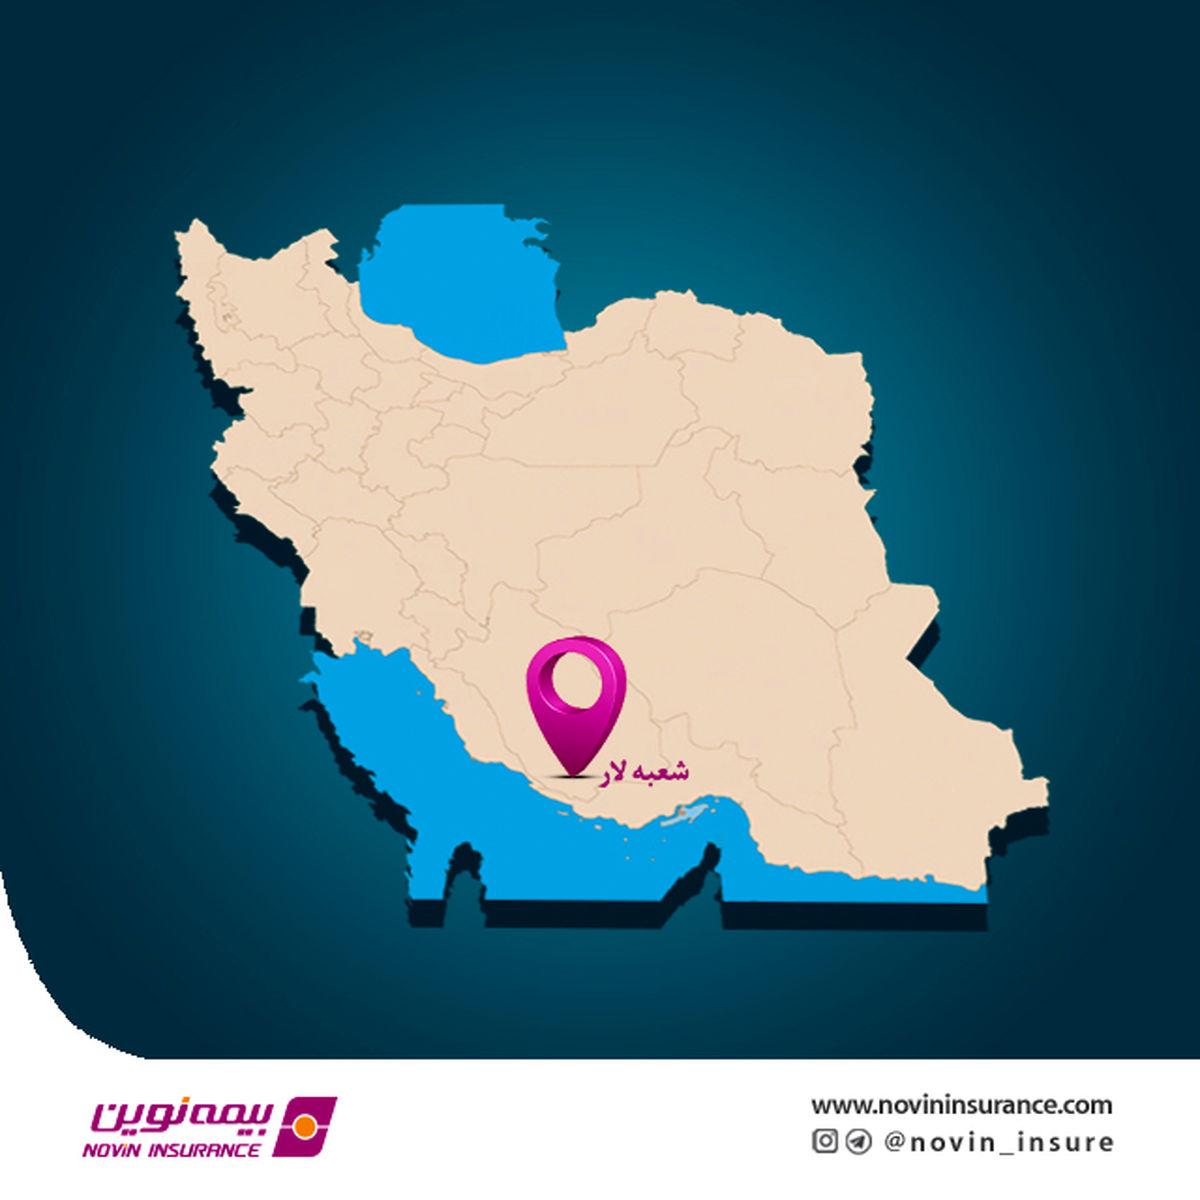 افتتاح شعبه جدید بیمه نوین در شهر لار